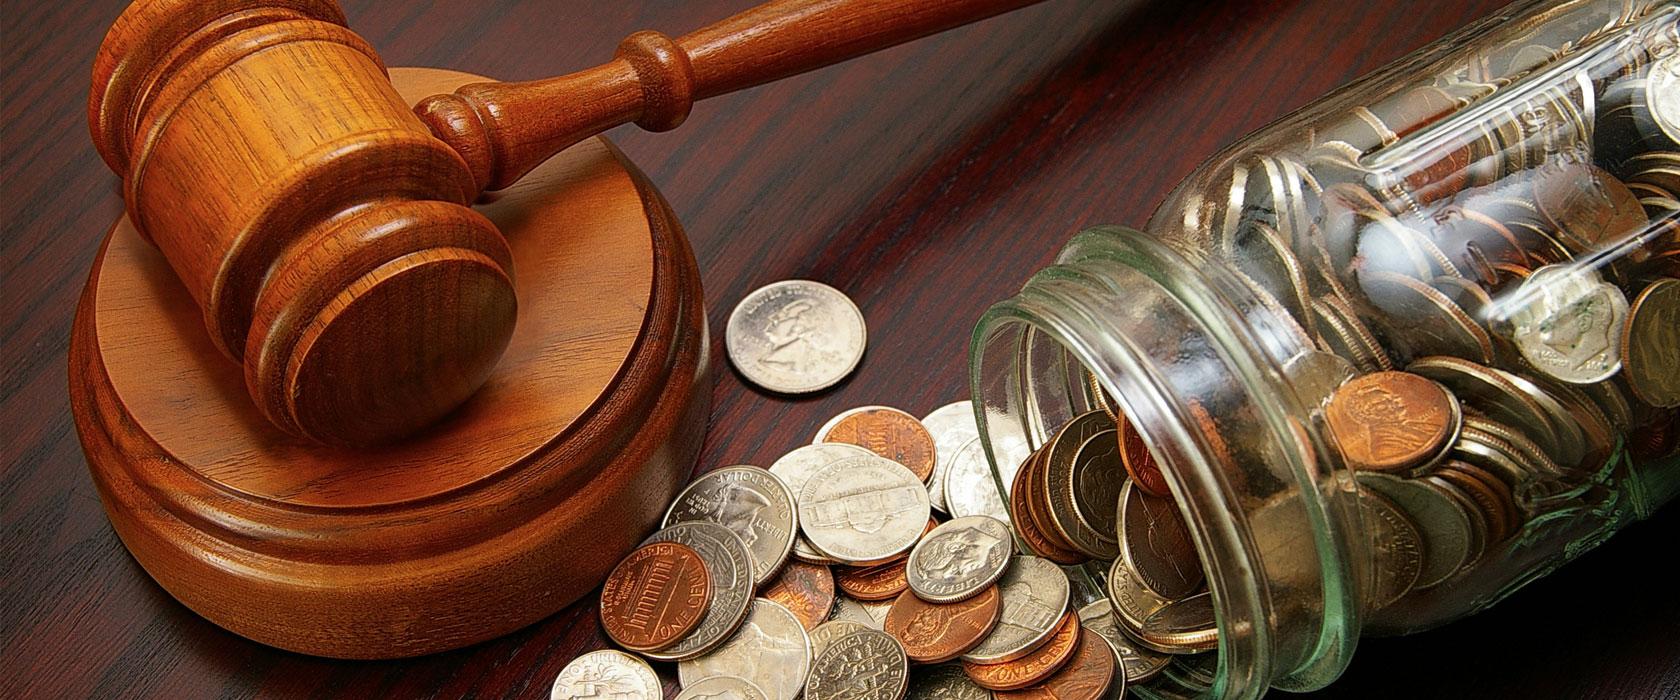 Взыскание задолженности. Взыскание долгов с юридических и физических лиц.